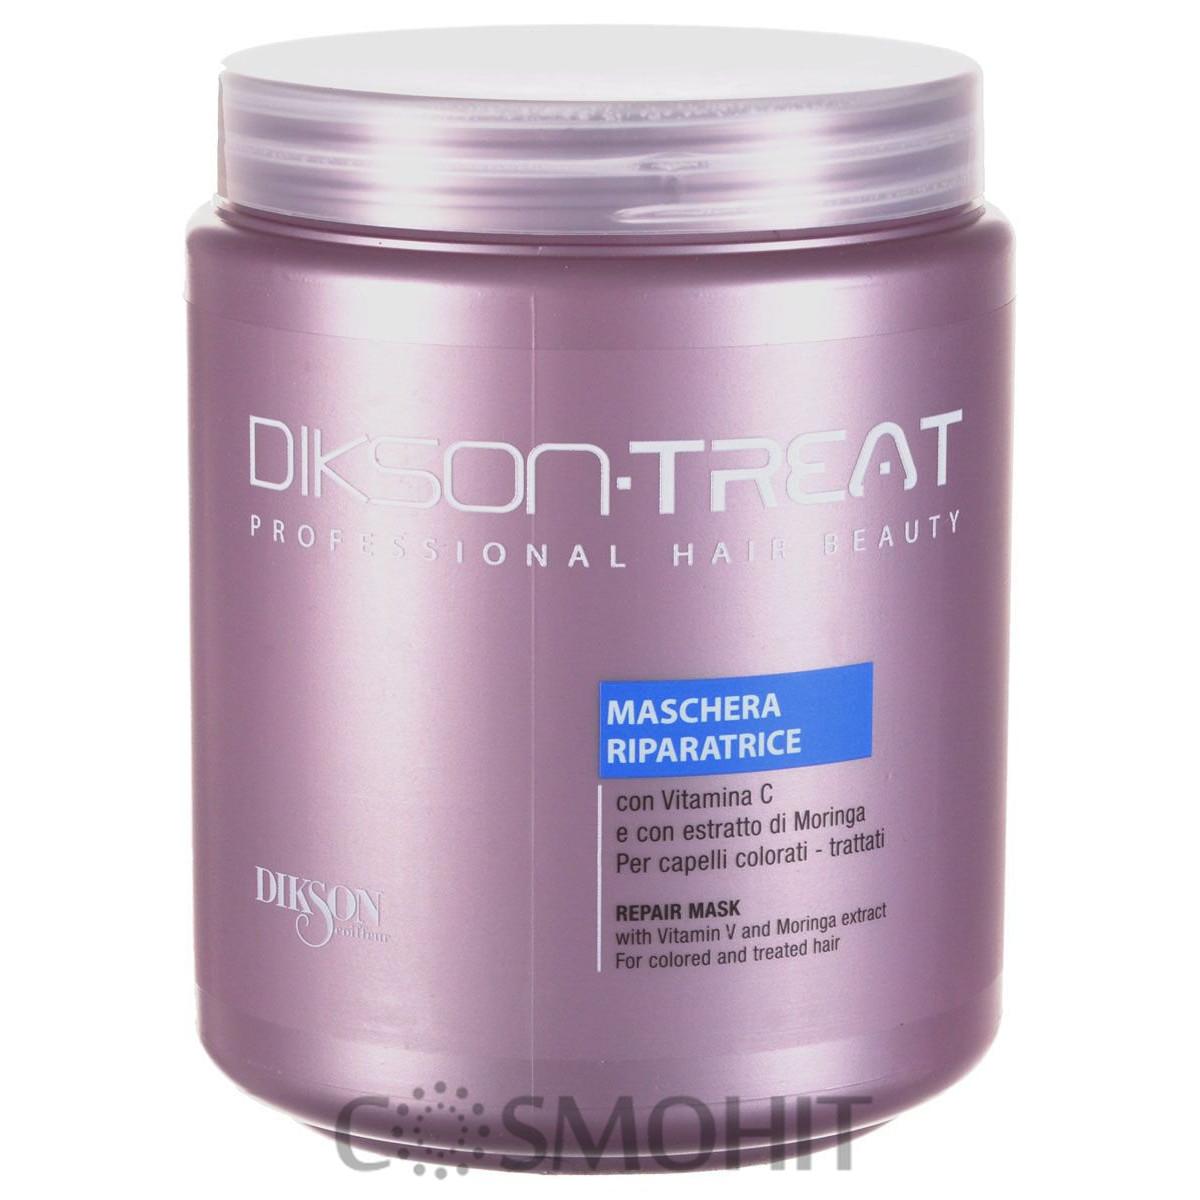 Dikson Treat Maschera Riparatrice - Восстановительная маска с витамином С и экстрактом моринги, 1000 ml